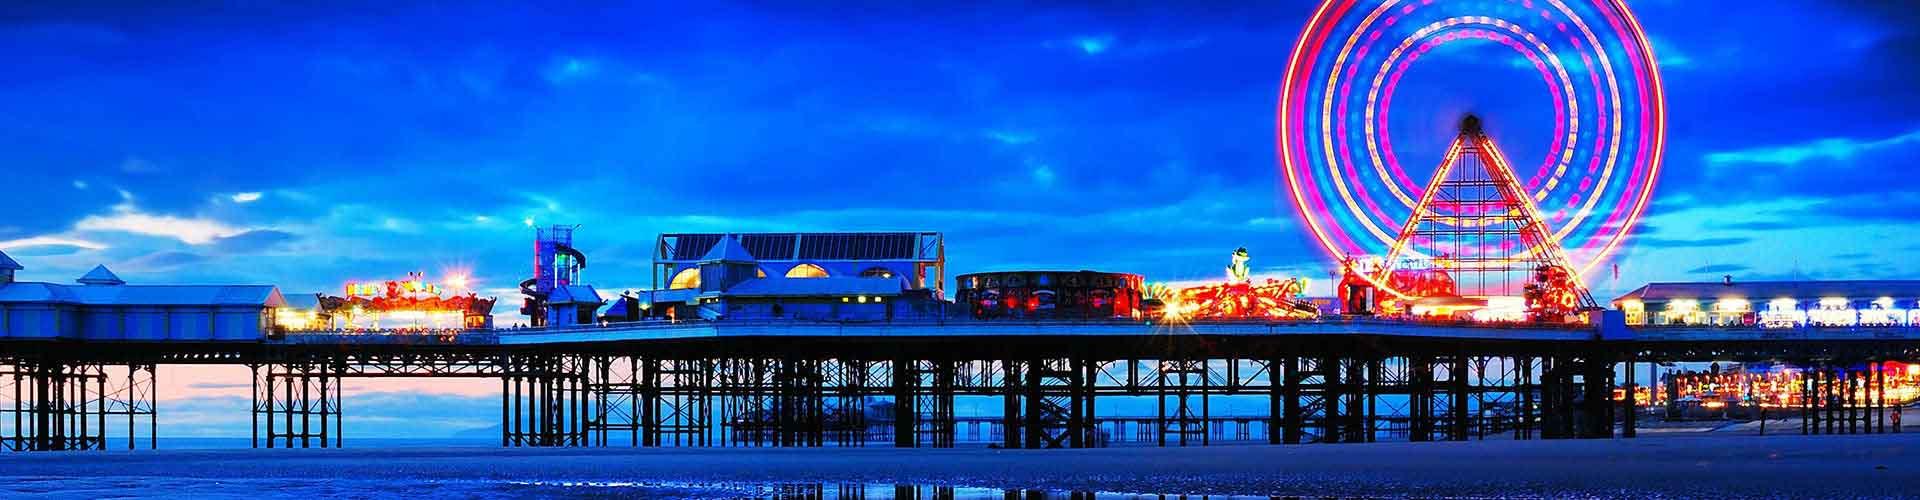 Blackpool - Ifjúsági Szállások Blackpool. Blackpool térképek, fotók és ajánlások minden egyes Ifjúsági Szállások: Blackpool.